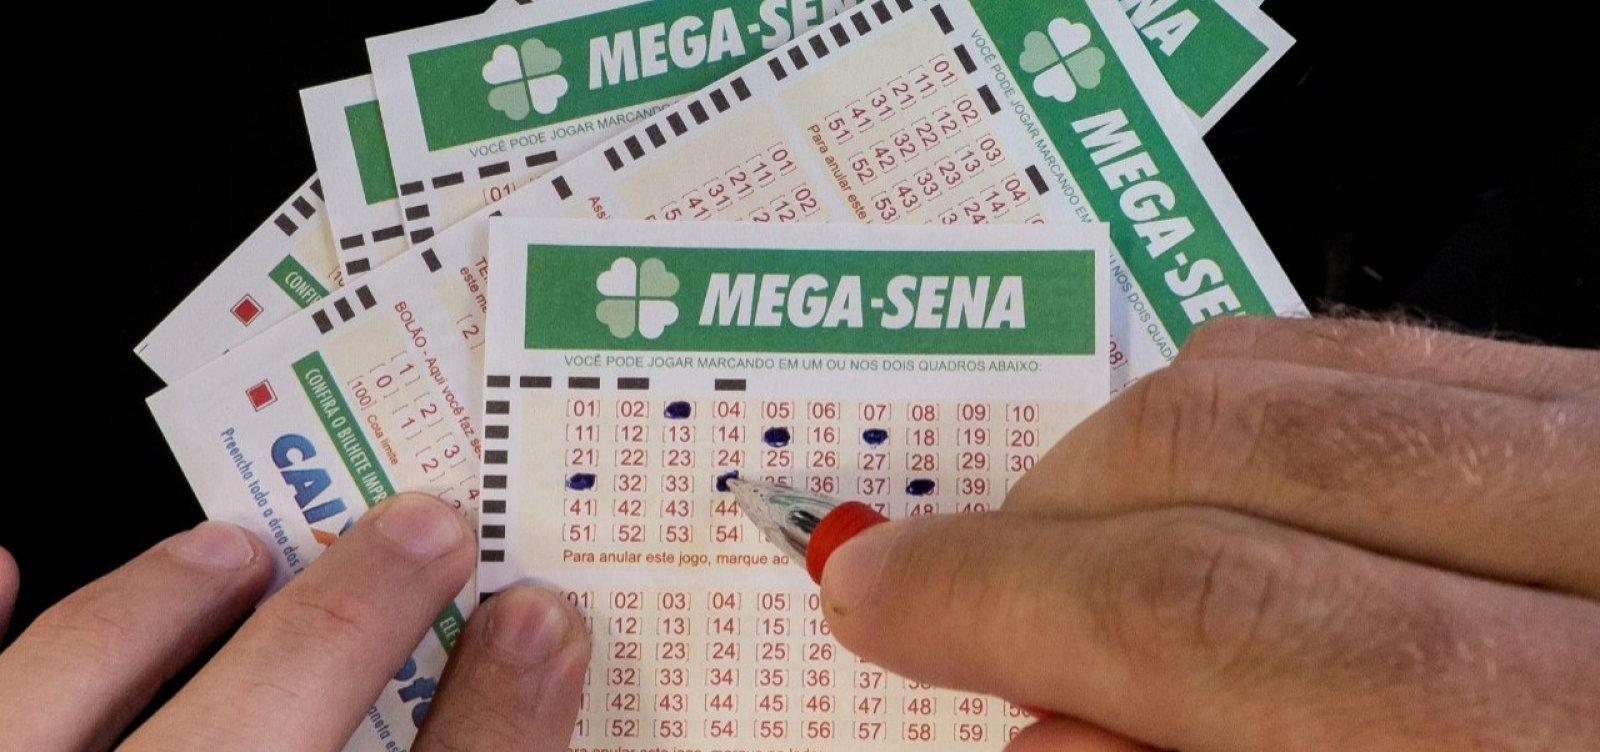 Acumulada, Mega-Sena pode pagar R$ 27 milhões hoje